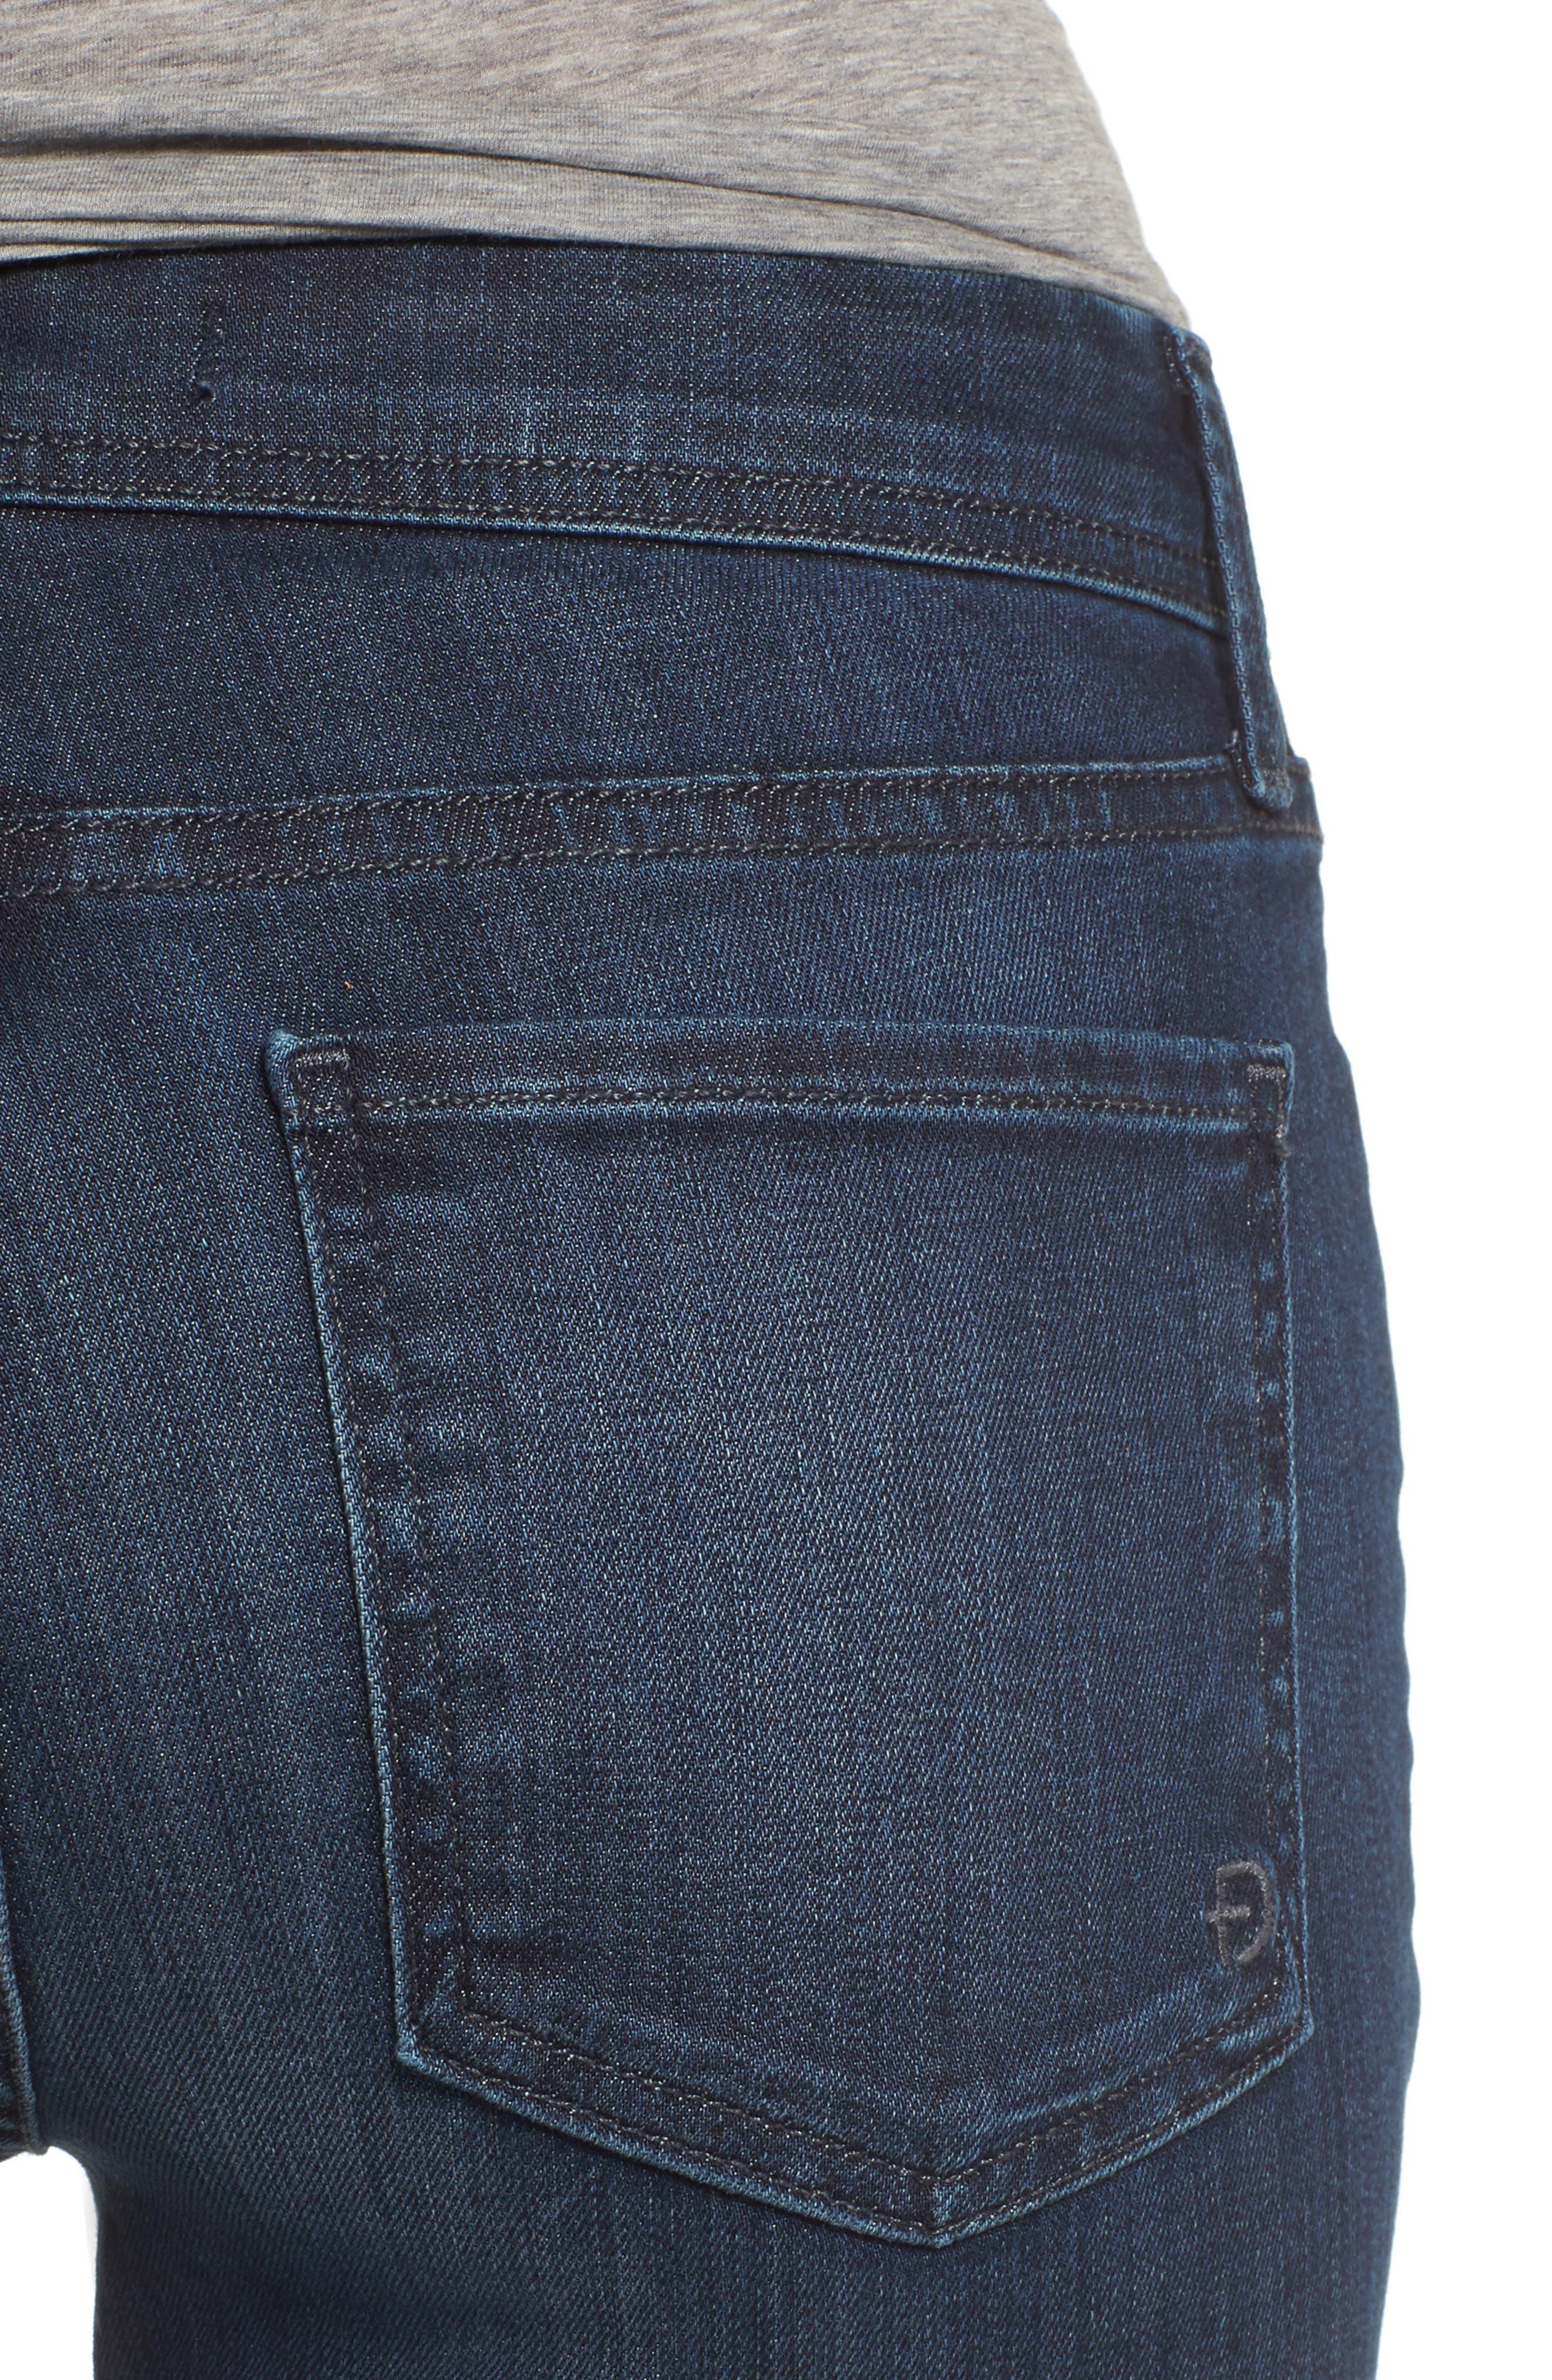 Stevie Skinny Jeans,                             Alternate thumbnail 4, color,